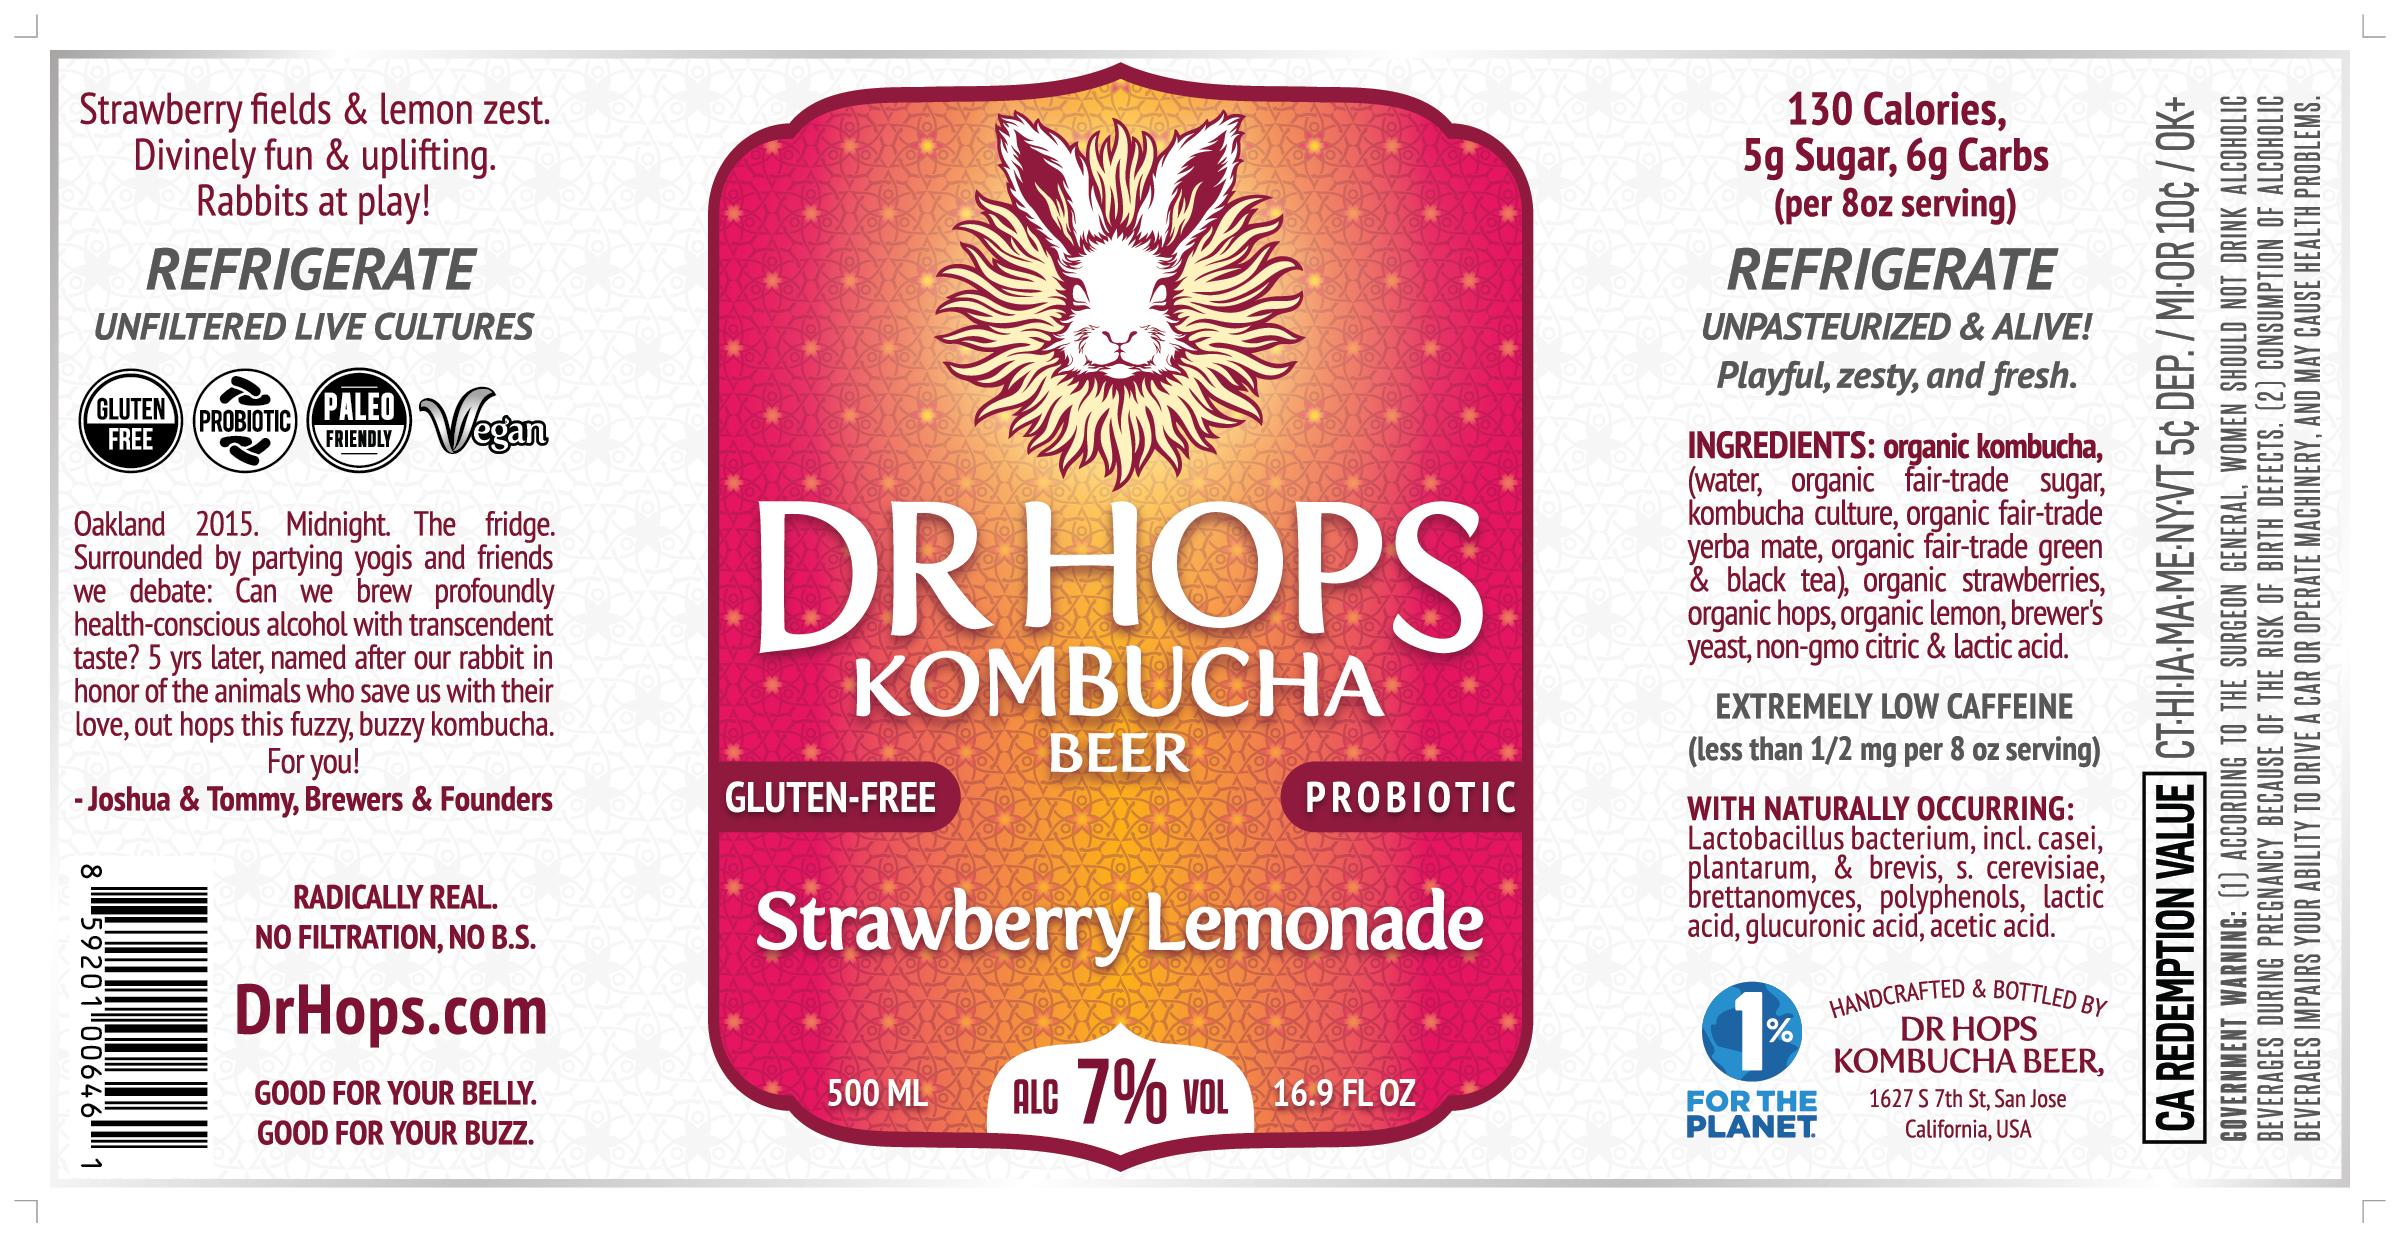 Bottle Mock-Up of New Strawberry Lemonade